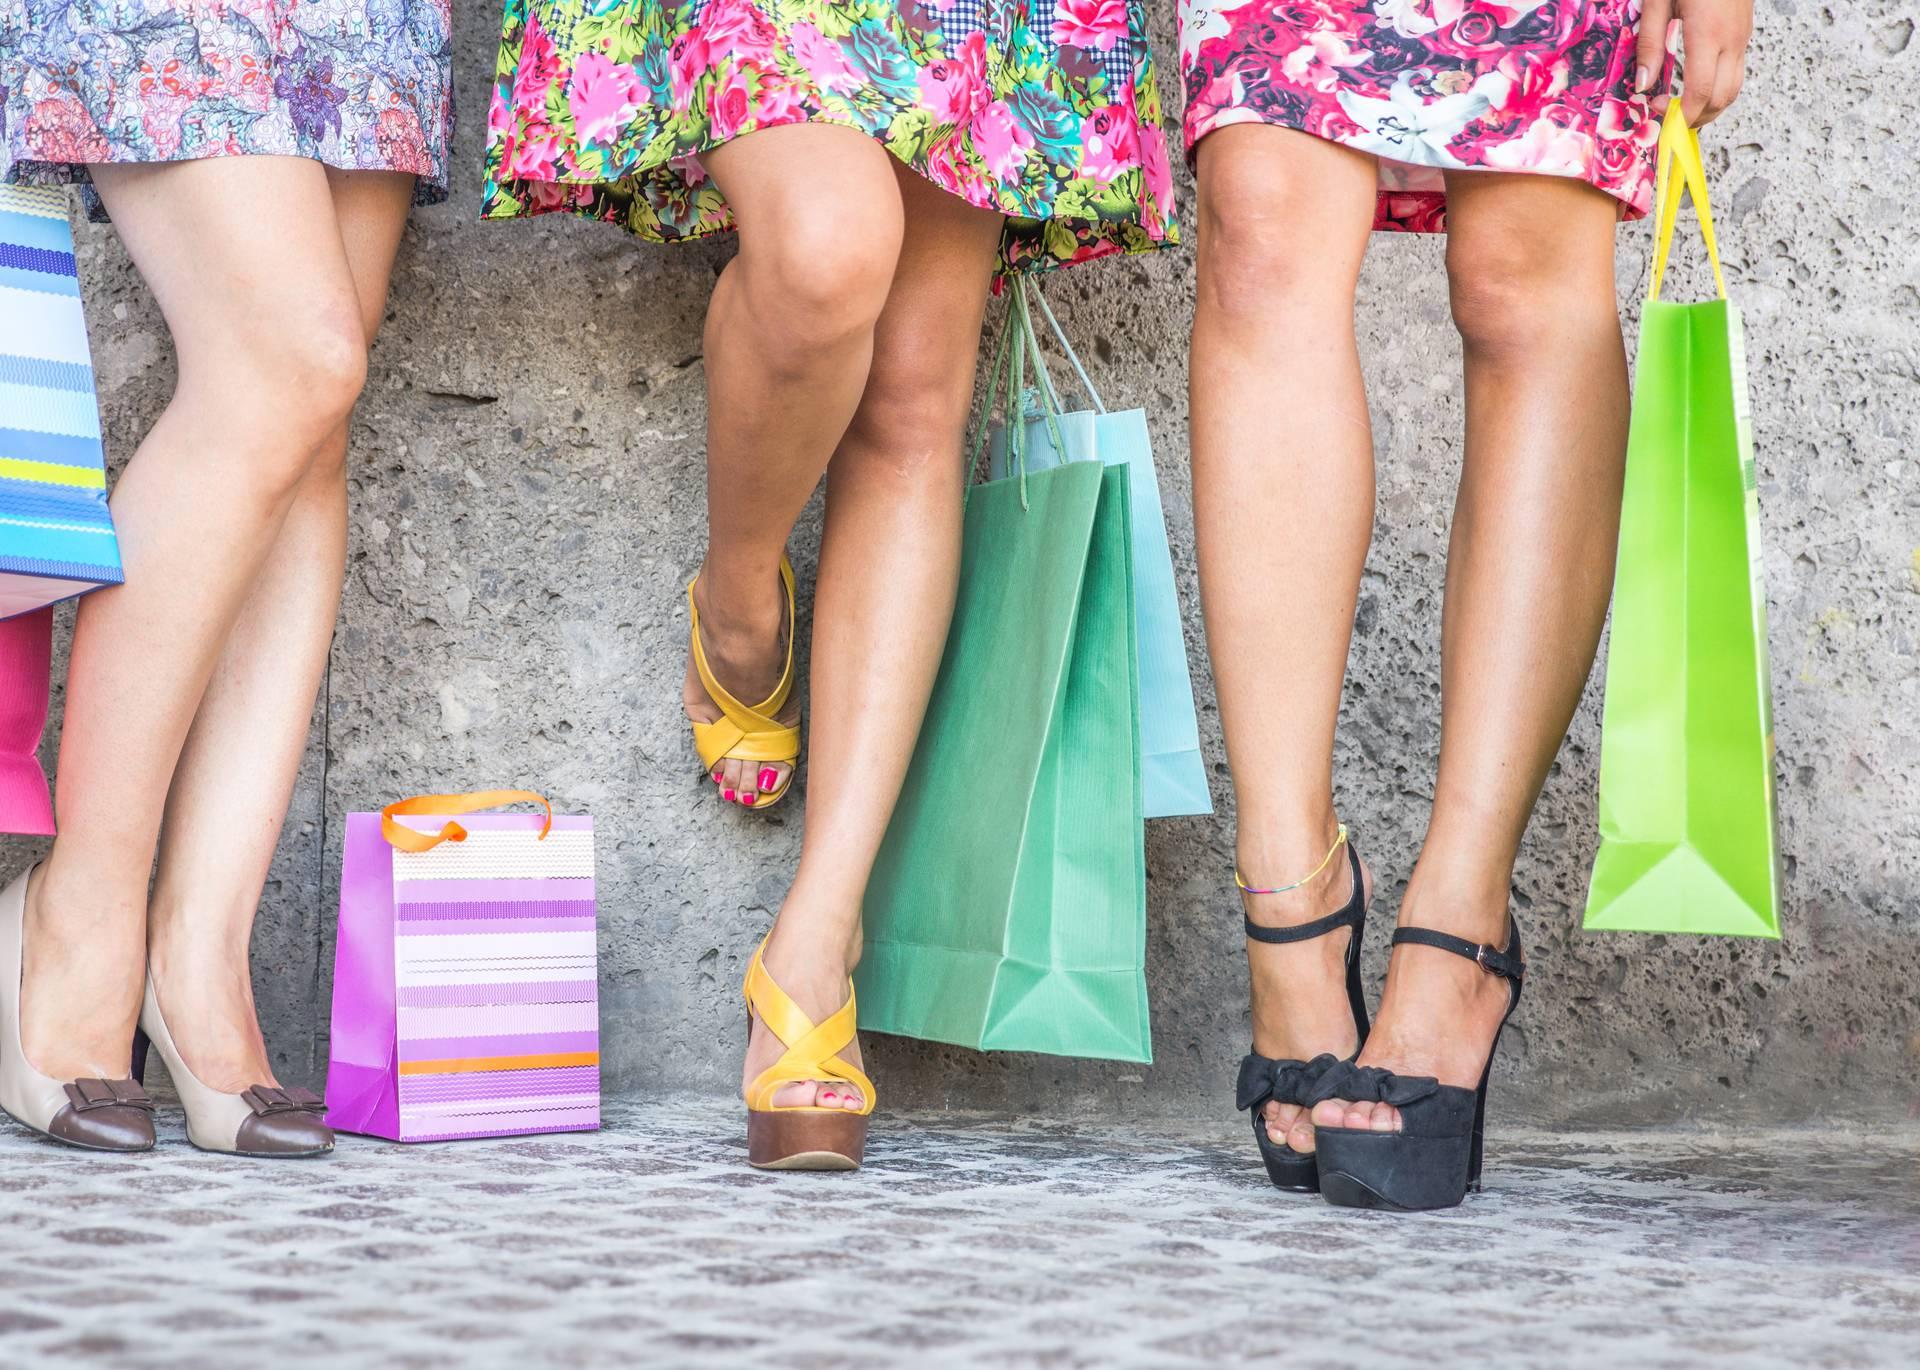 Žuljaju me cipele, a moram na ples: Pomažu selotejp, čarape...